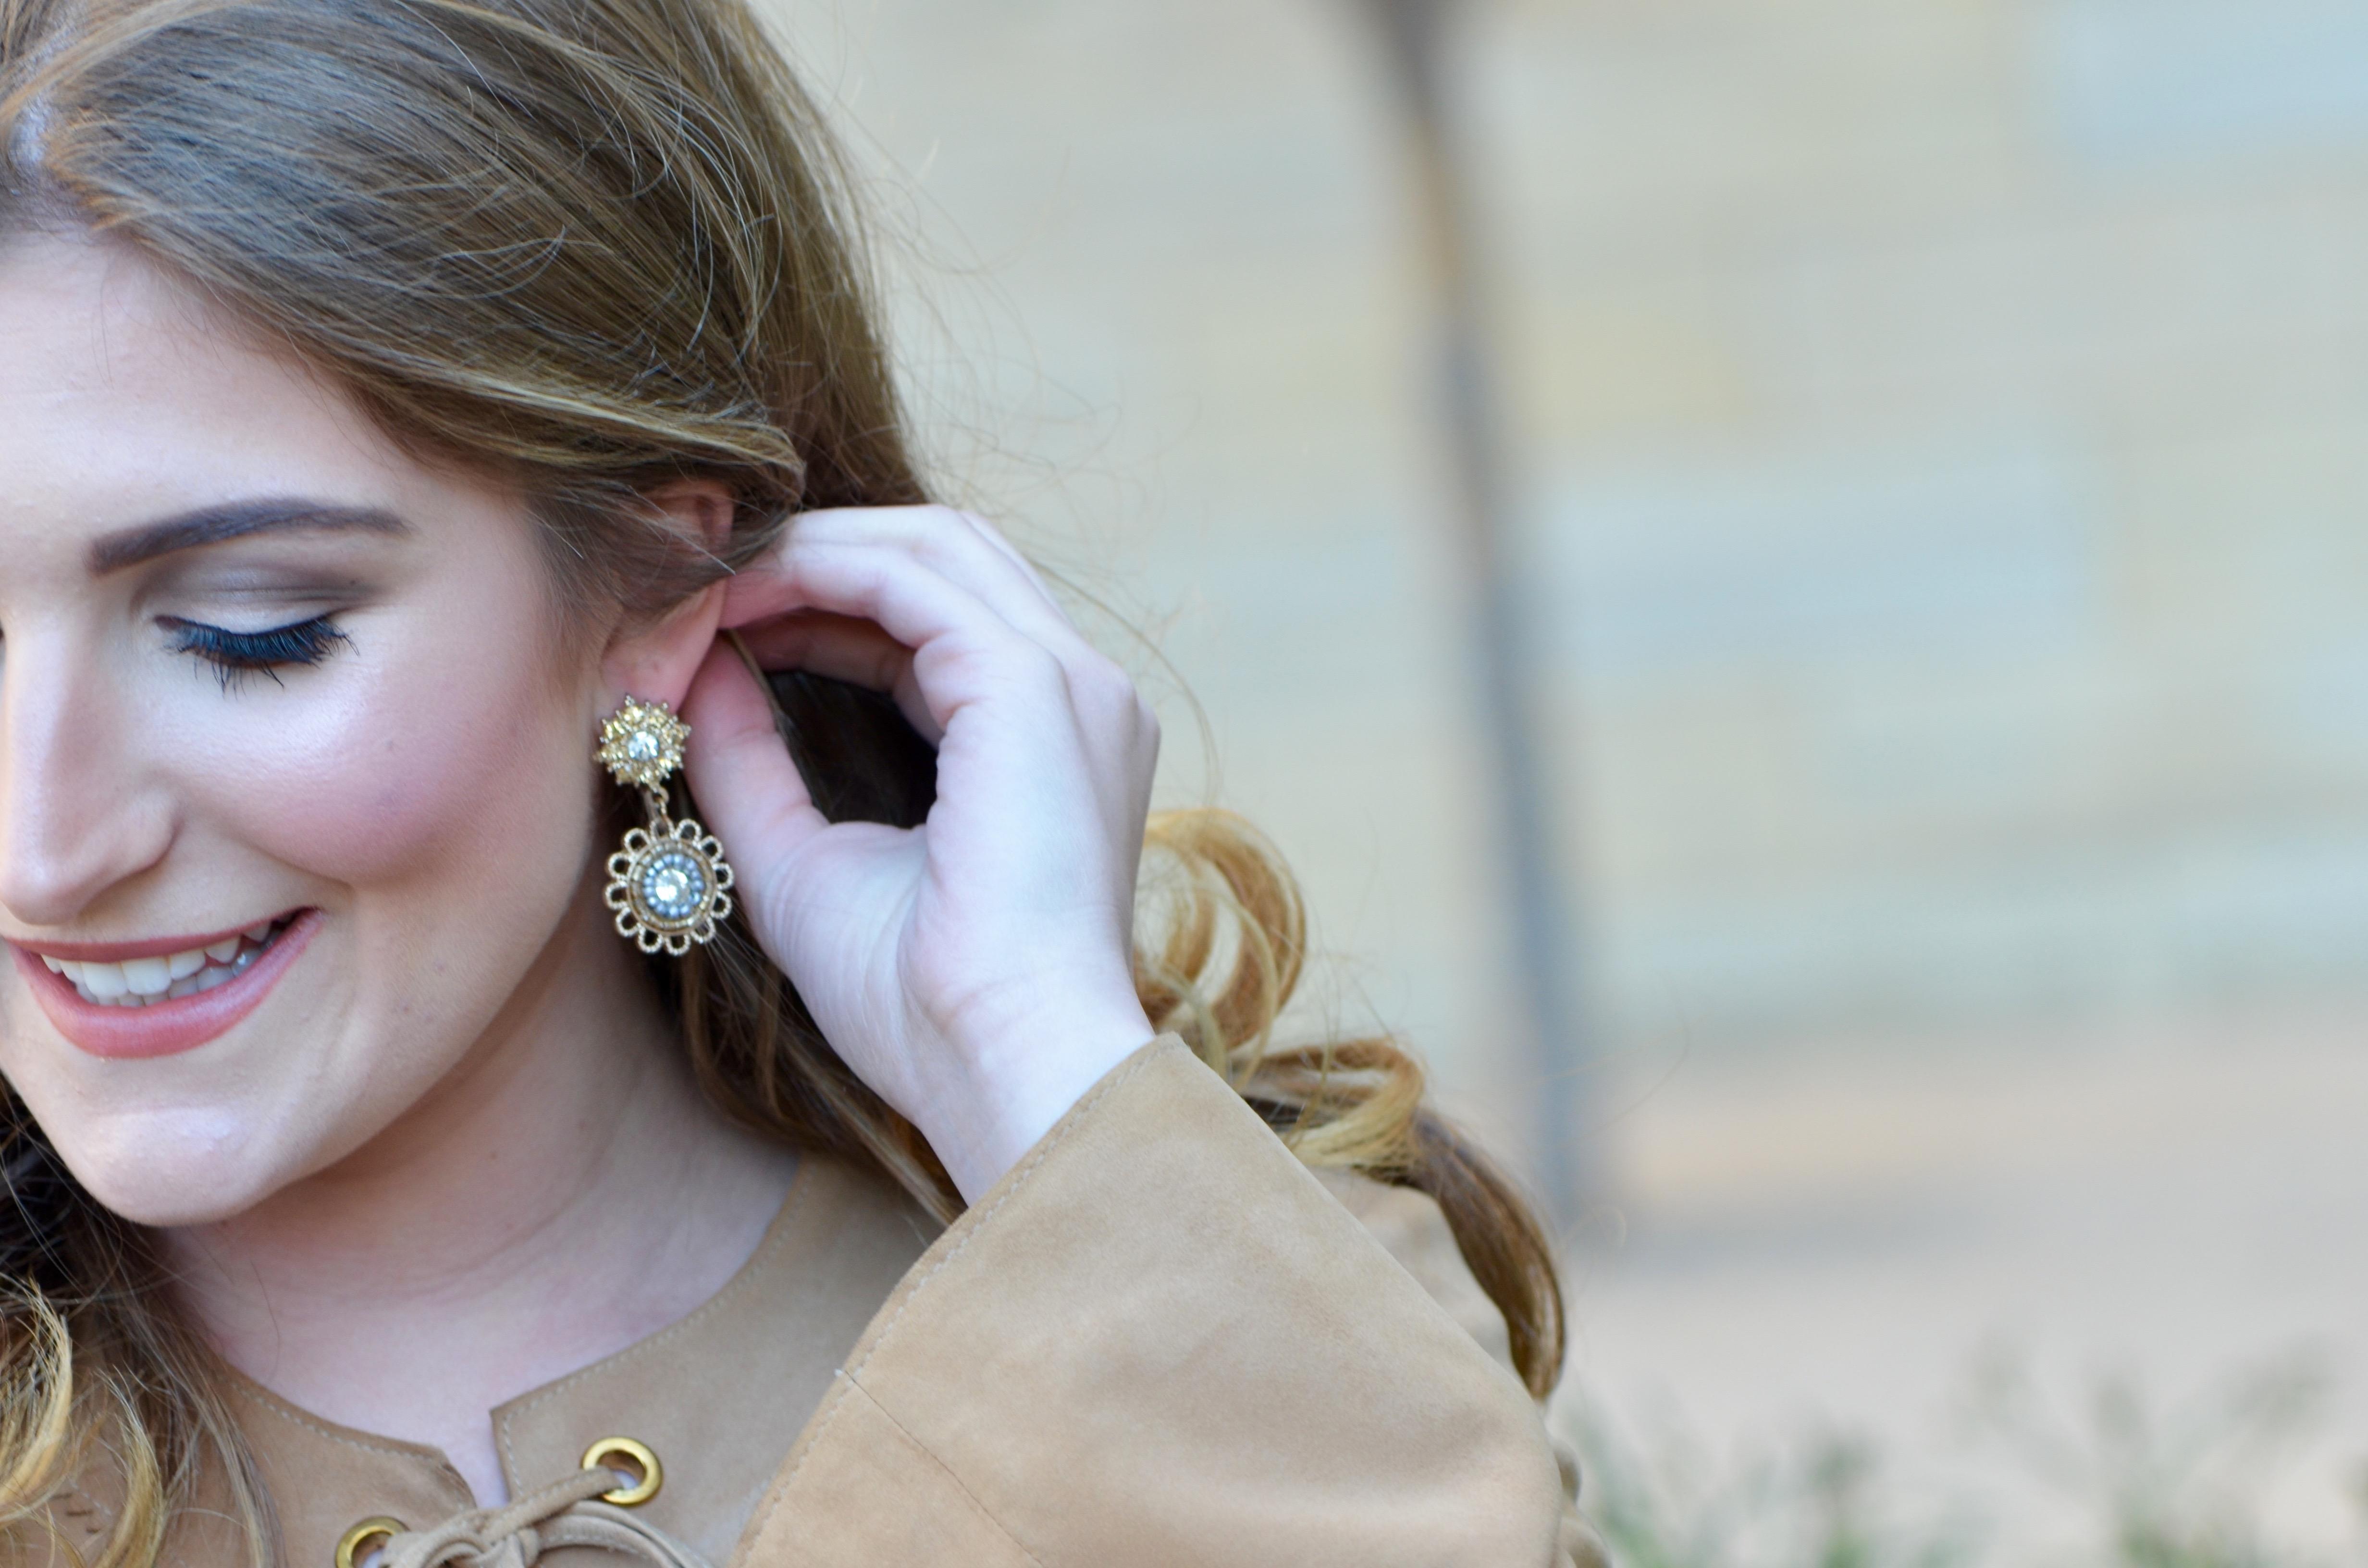 holiday earrings fun